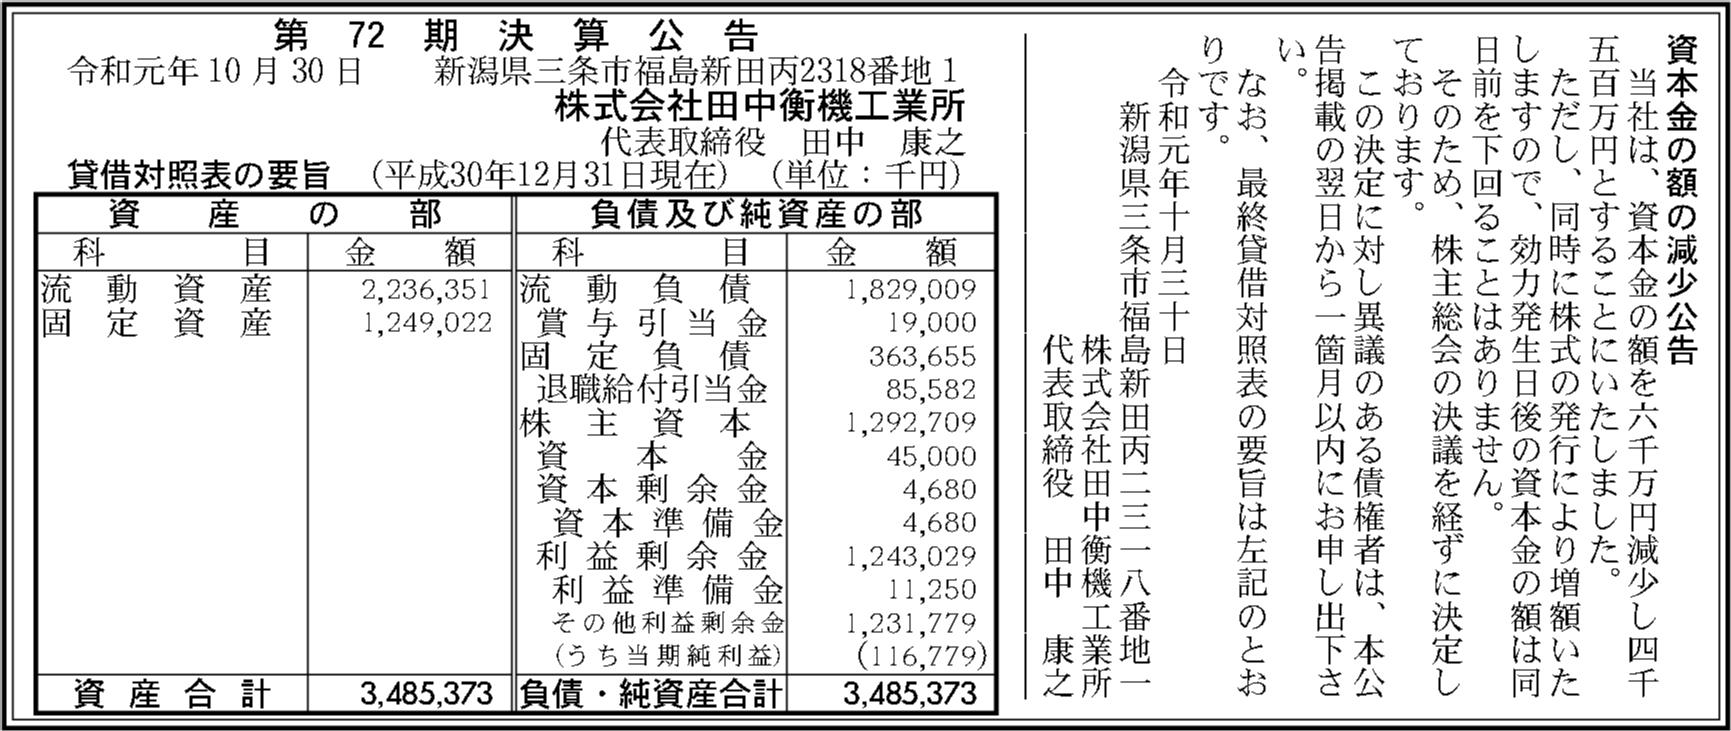 0094 f8be033f7eee498c4fad0f29796d4018be73d754706a10815559254b7aaa4e5259cebb61aad58e6a0d578ac97125eb60df7957374a21f09a5c0e573ad02c36ad 03